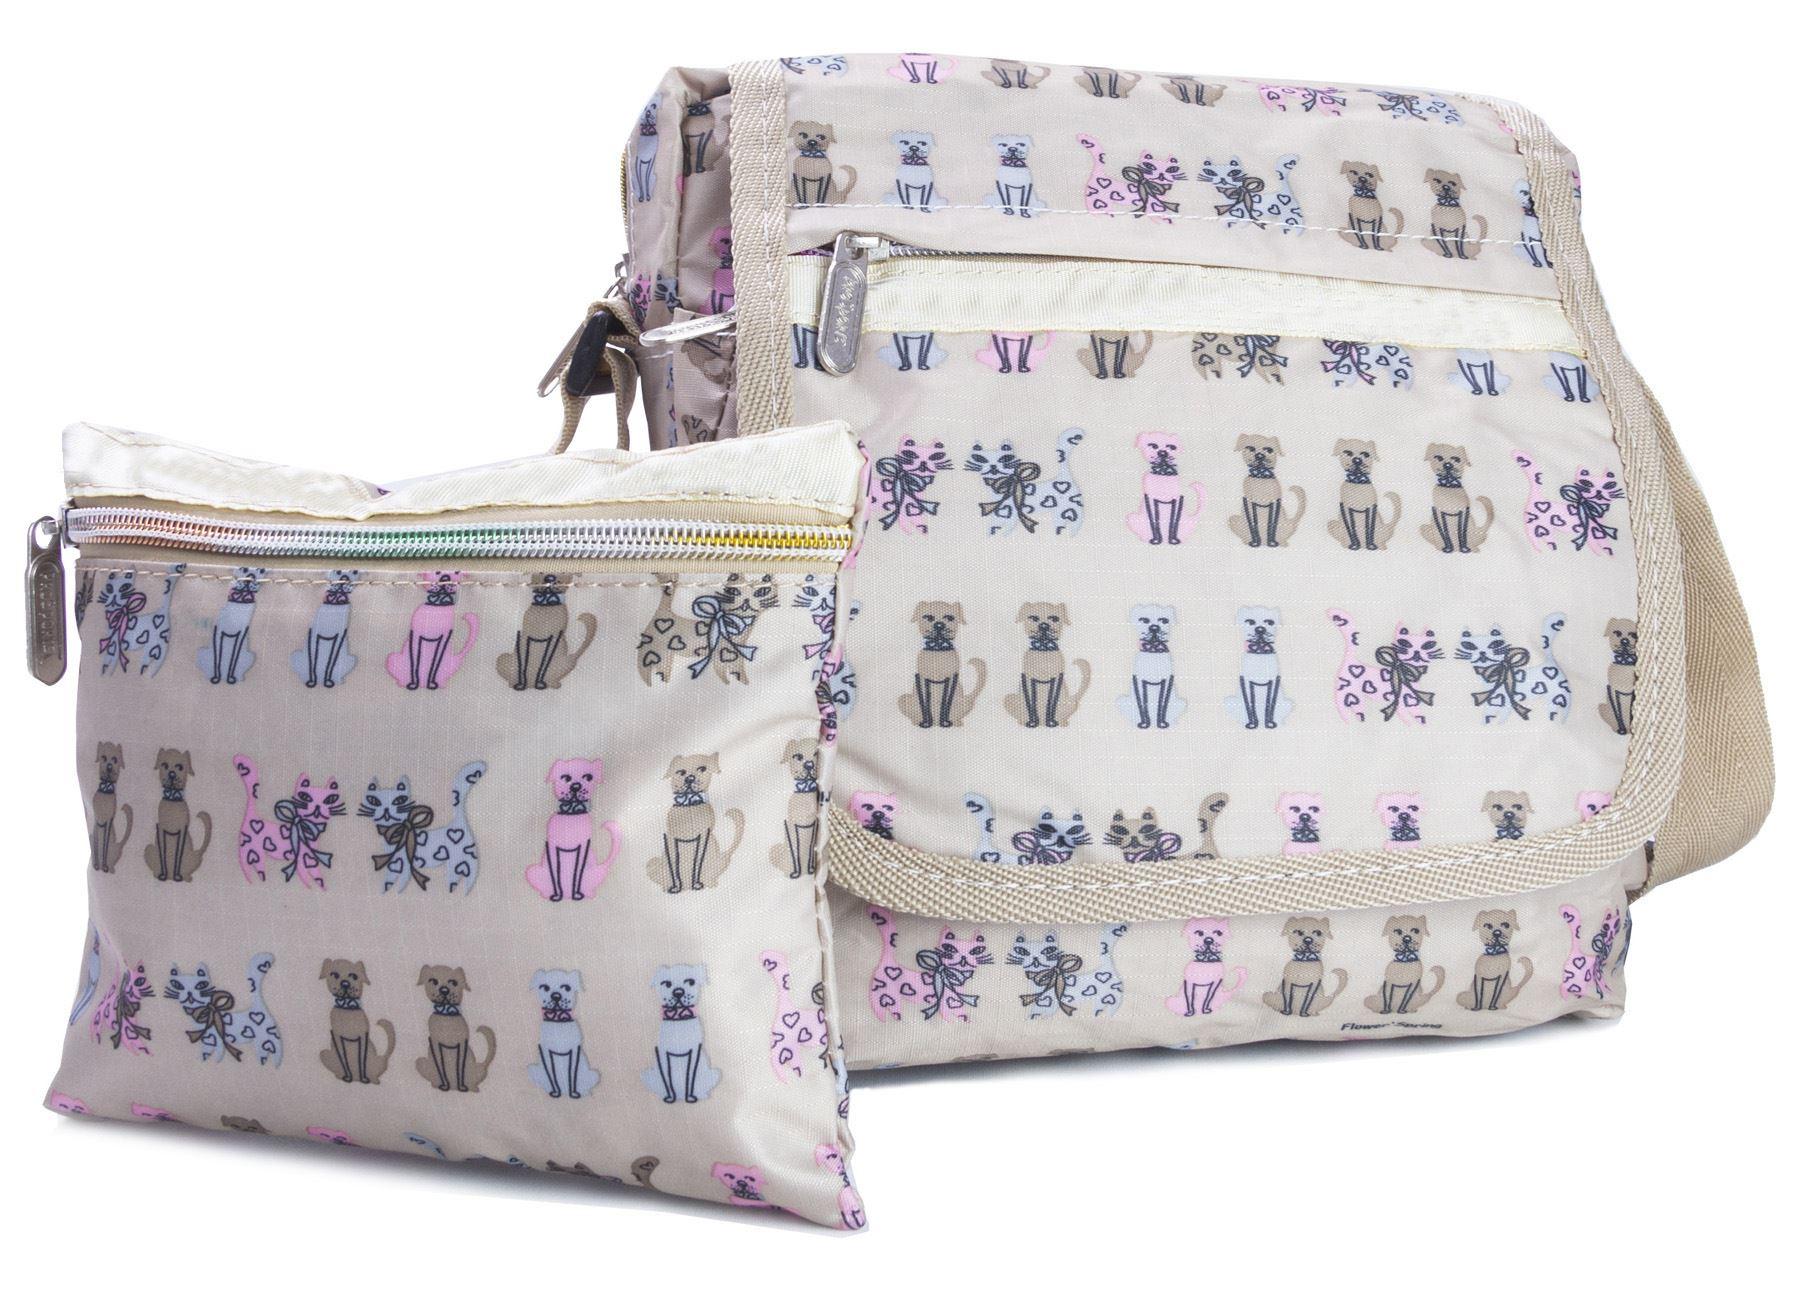 Big Handbag Shop UNISEX Taschen mit Reißverschluss Cartoon leicht klein